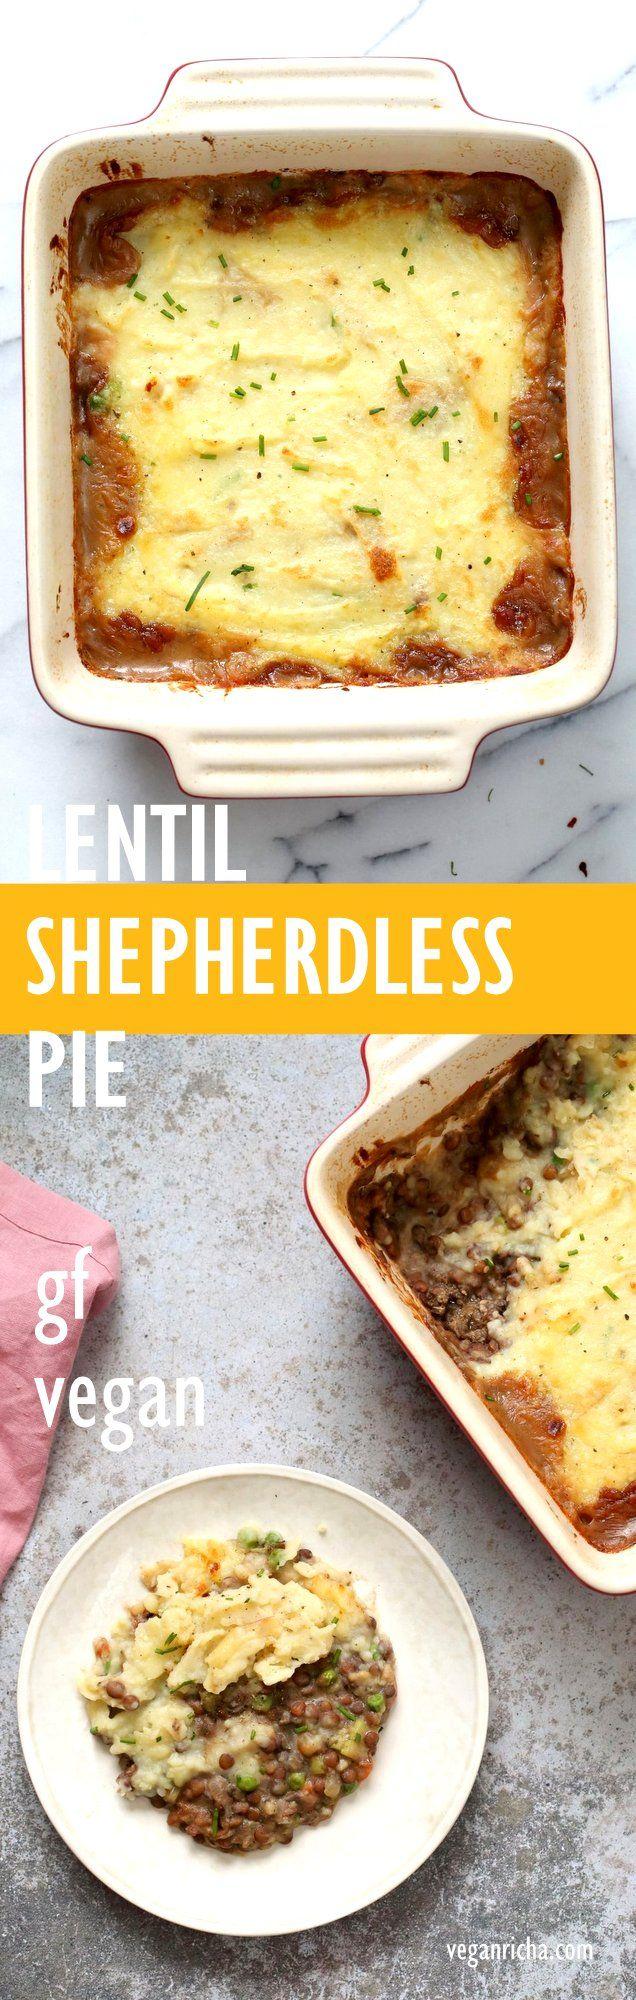 Vegan Lentil Shepherd S Pie Mushroom Lentil Shepherdless Pie Vegan Richa Recipe Vegan Recipes Vegetarian Recipes